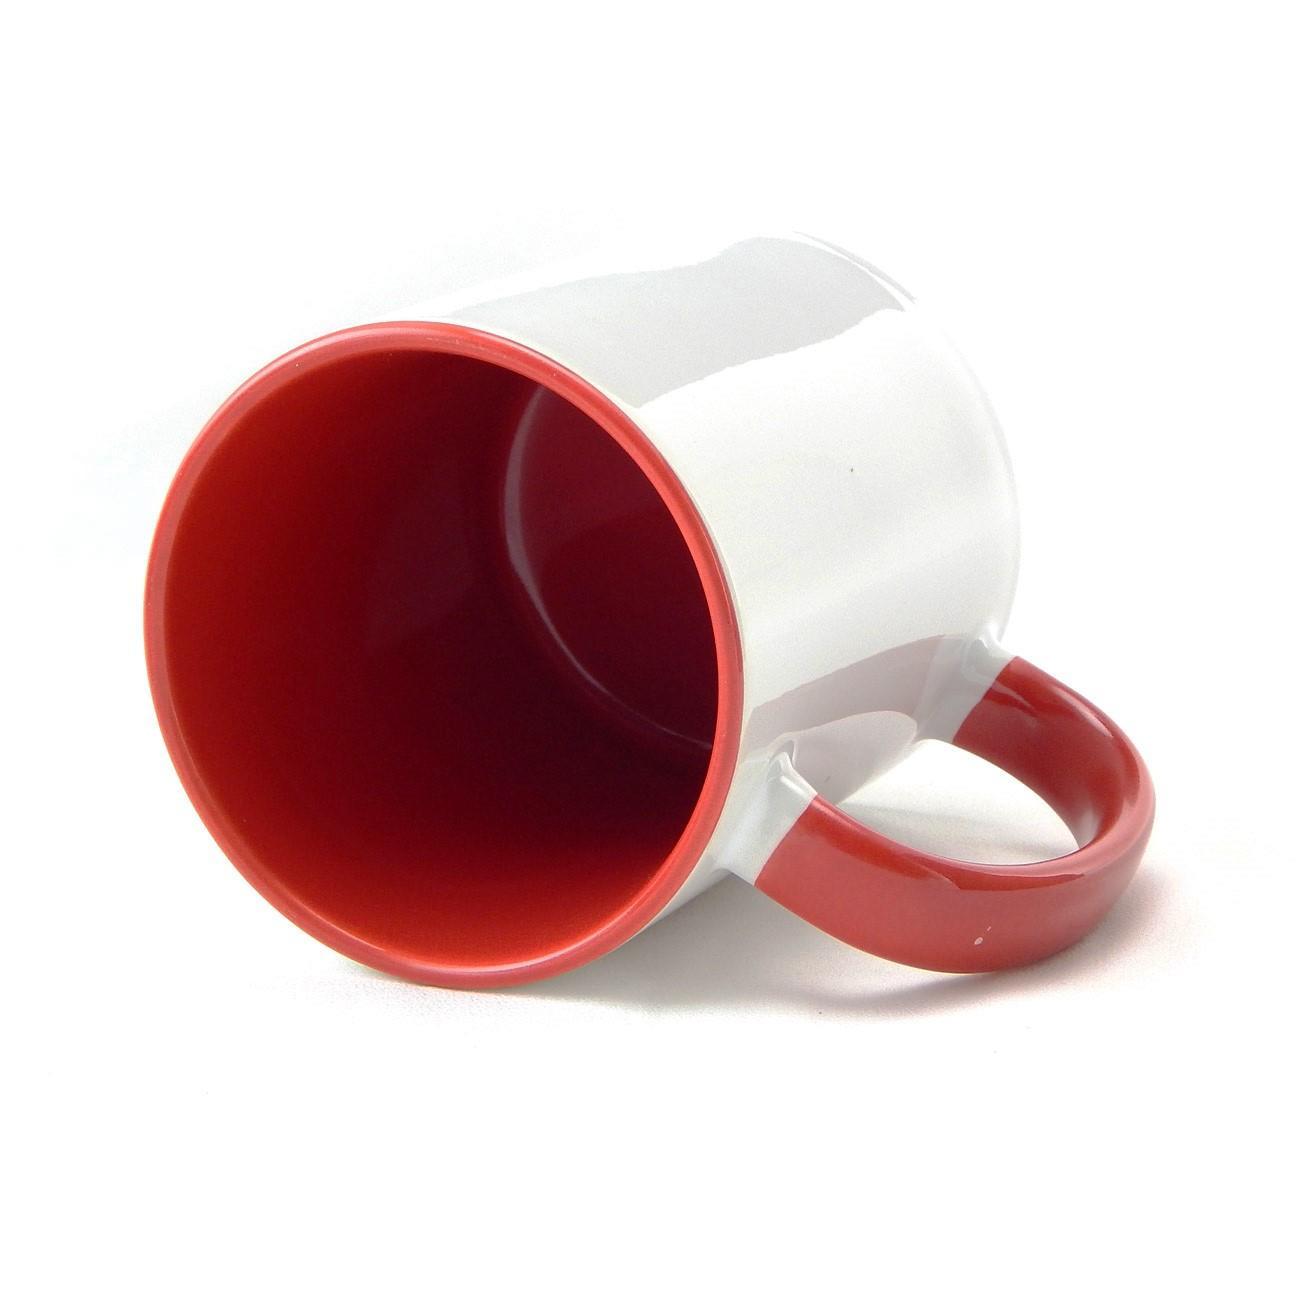 Caneca de Cerâmica Branca com Interior e Alça Colorida para Sublimação - Vermelha